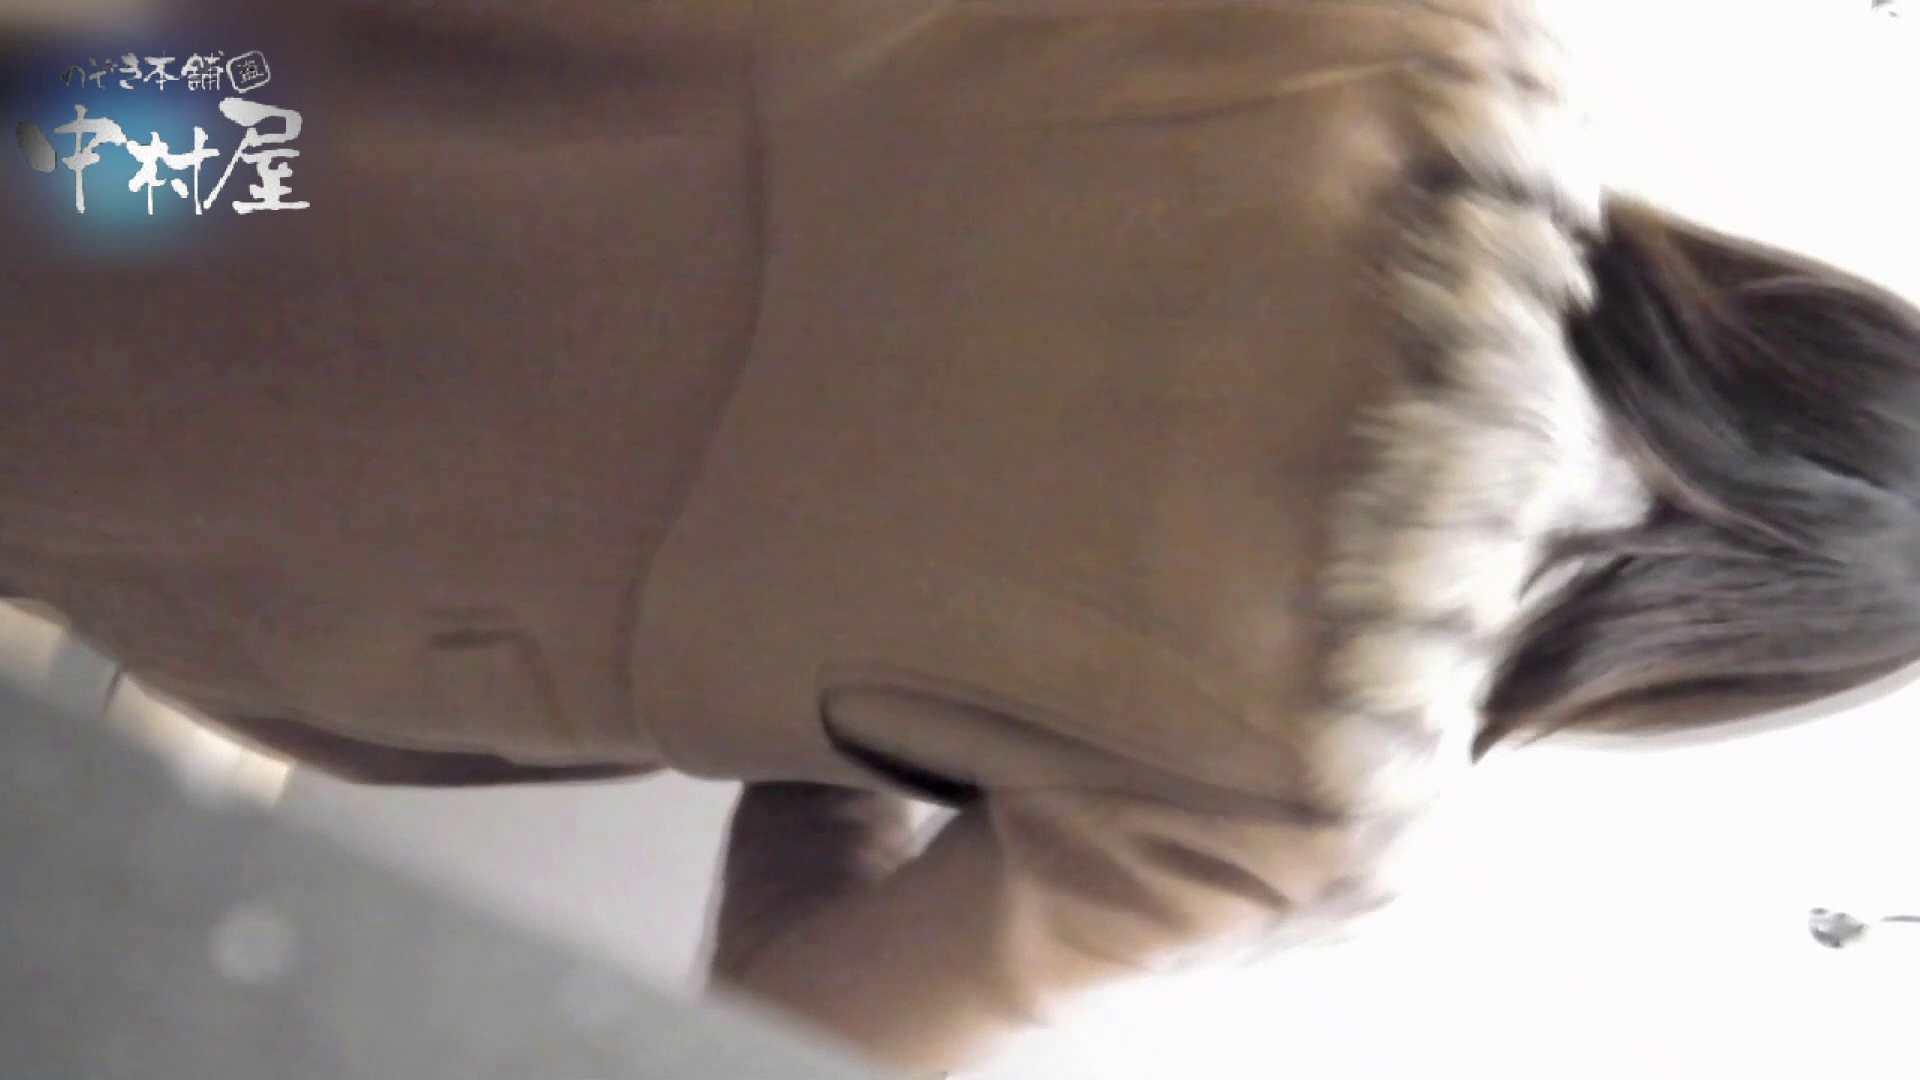 乙女集まる!ショッピングモール潜入撮vol.12 トイレ のぞき動画画像 89枚 21